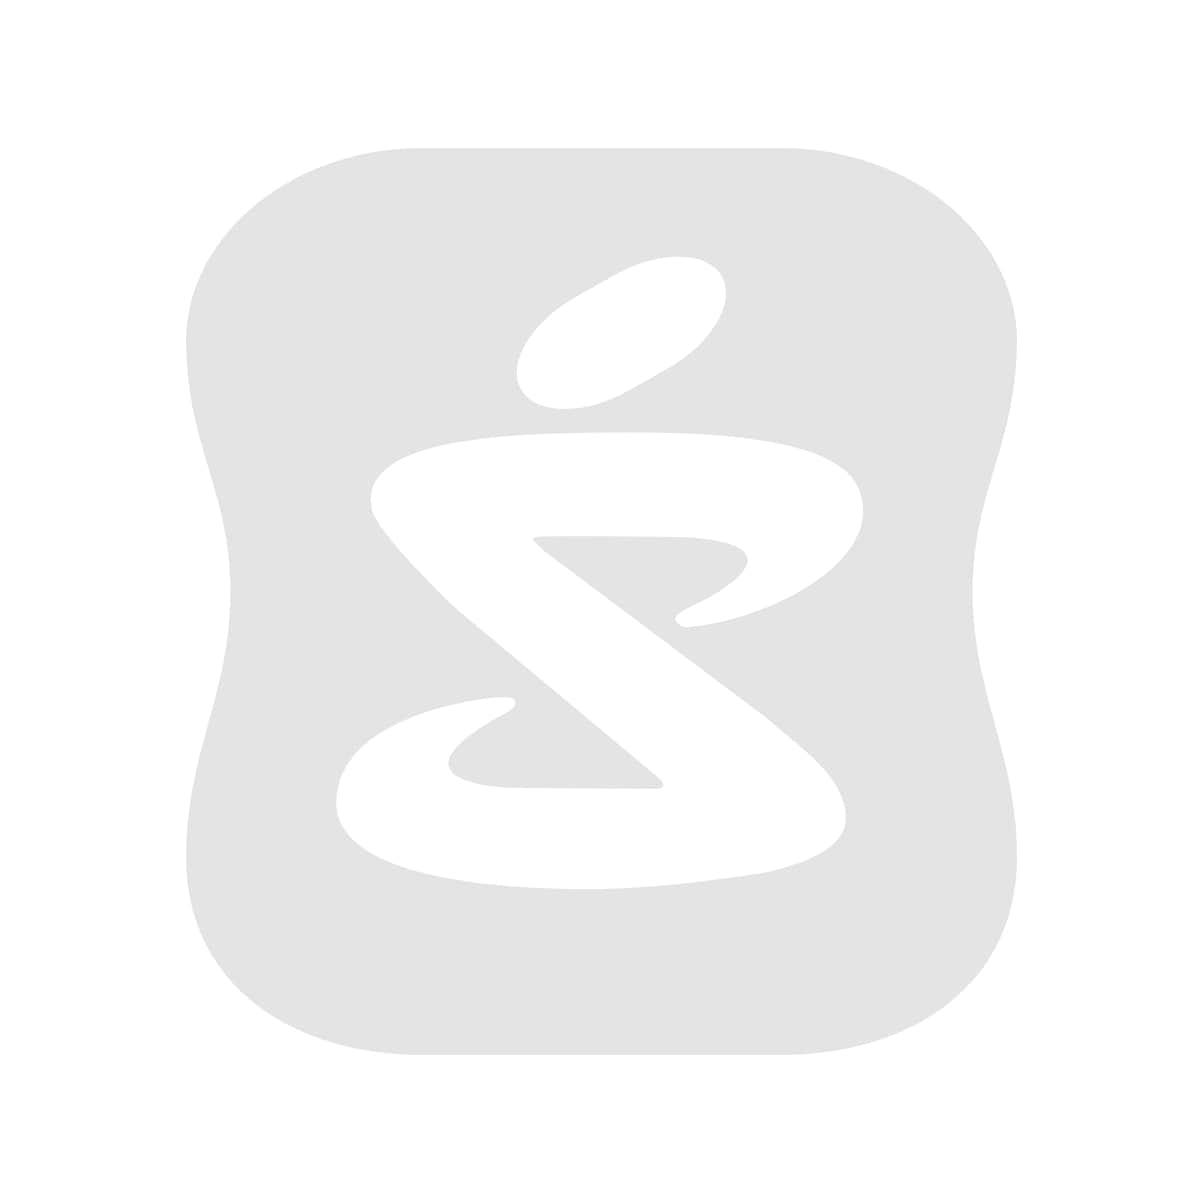 Bobovita Porcja Zbóż 7 Zbóż, Jagoda, Jeżyna, Jabłko